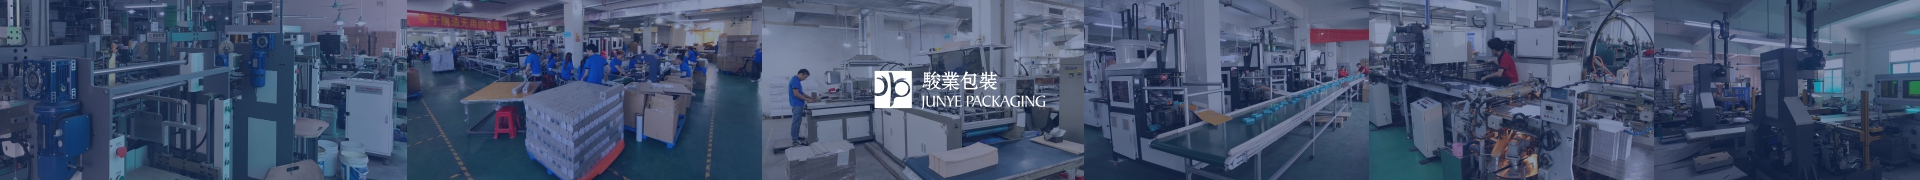 广州包装盒厂